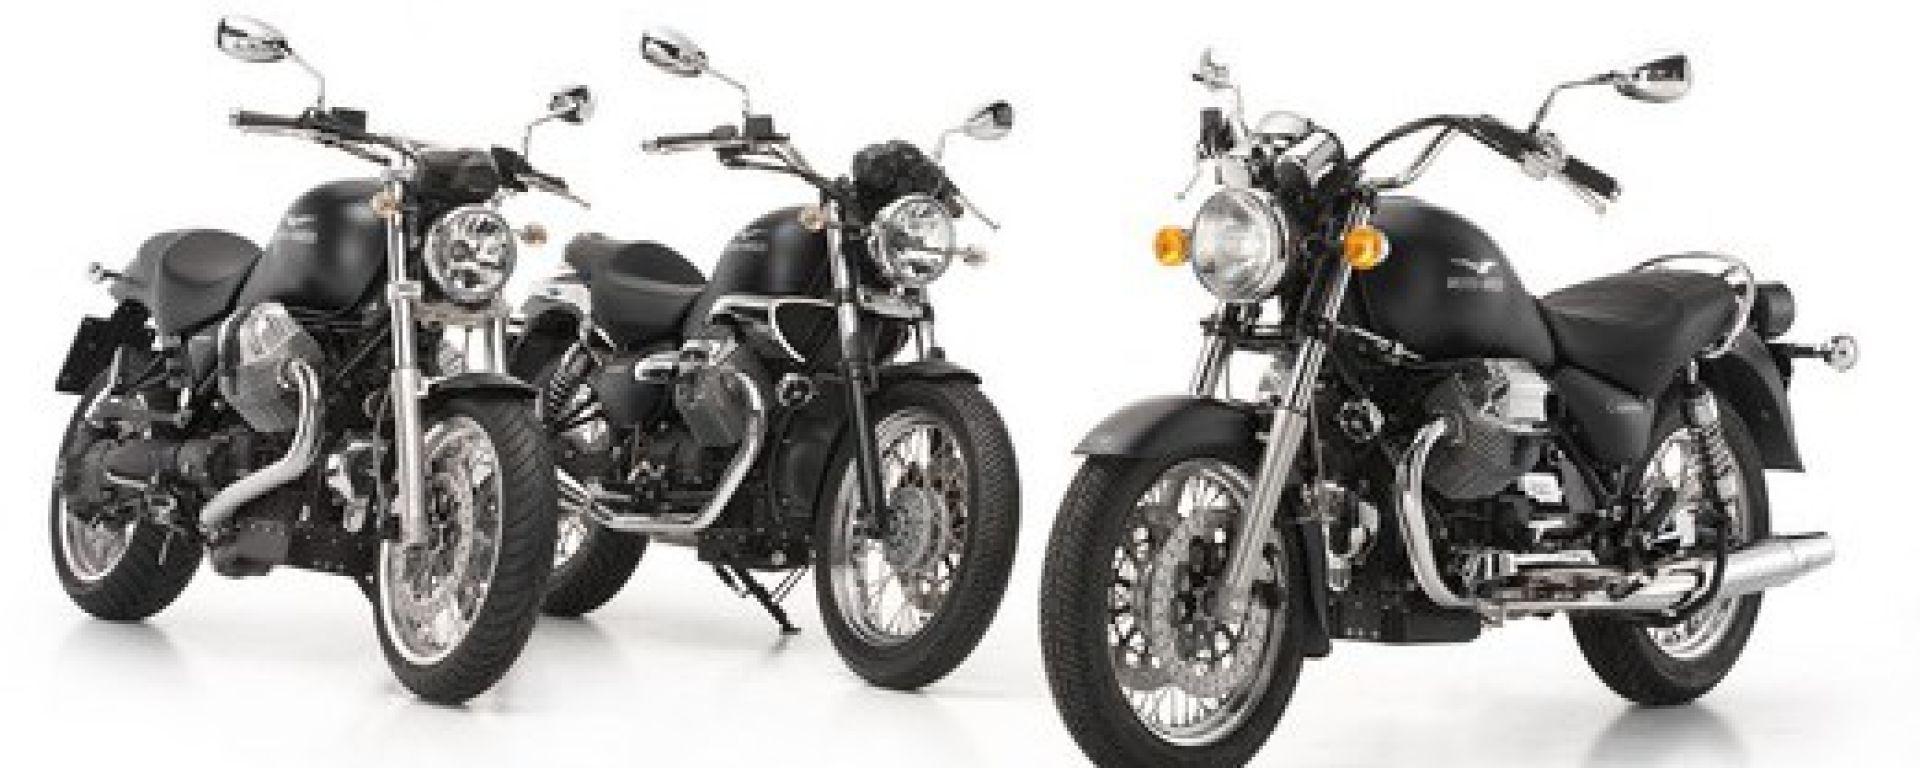 Moto Guzzi Aquila Nera